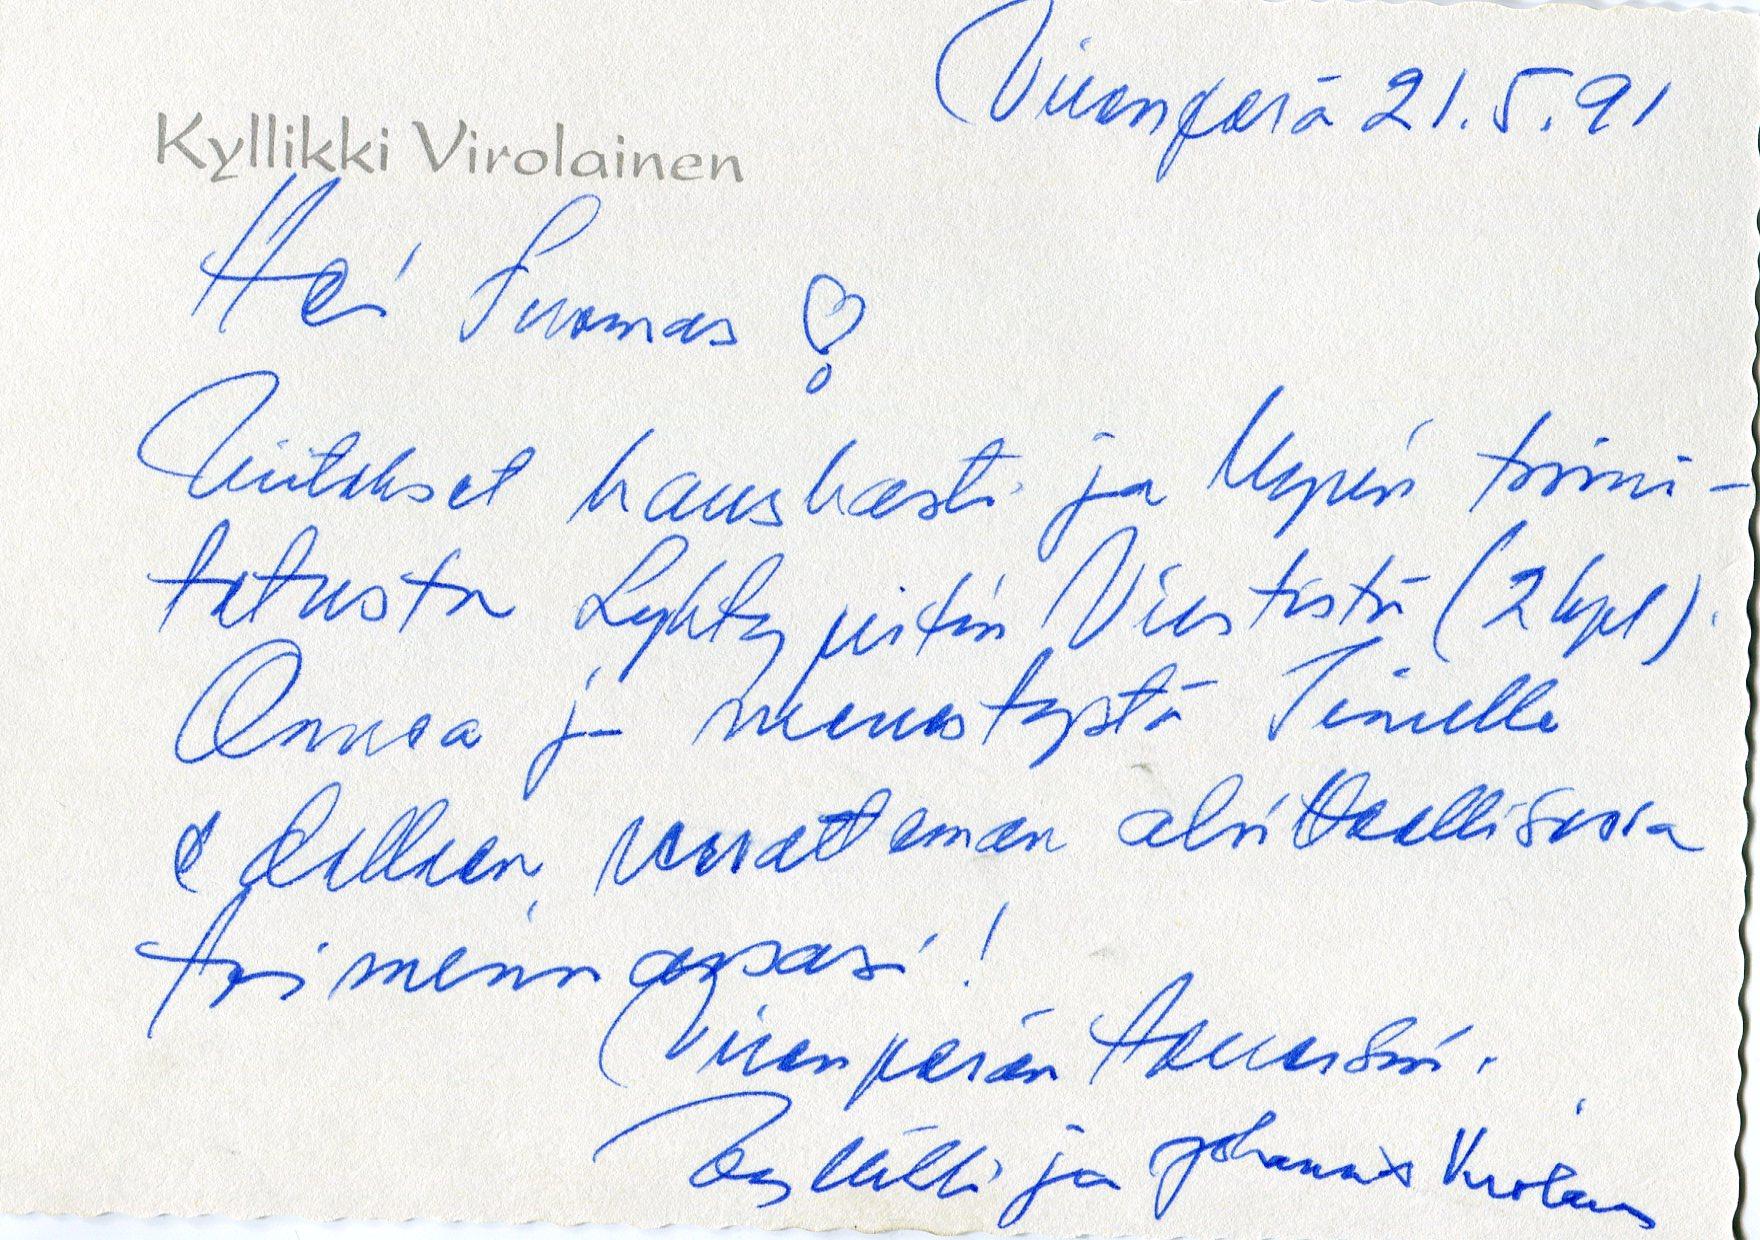 Kirje_Kyllikki3018